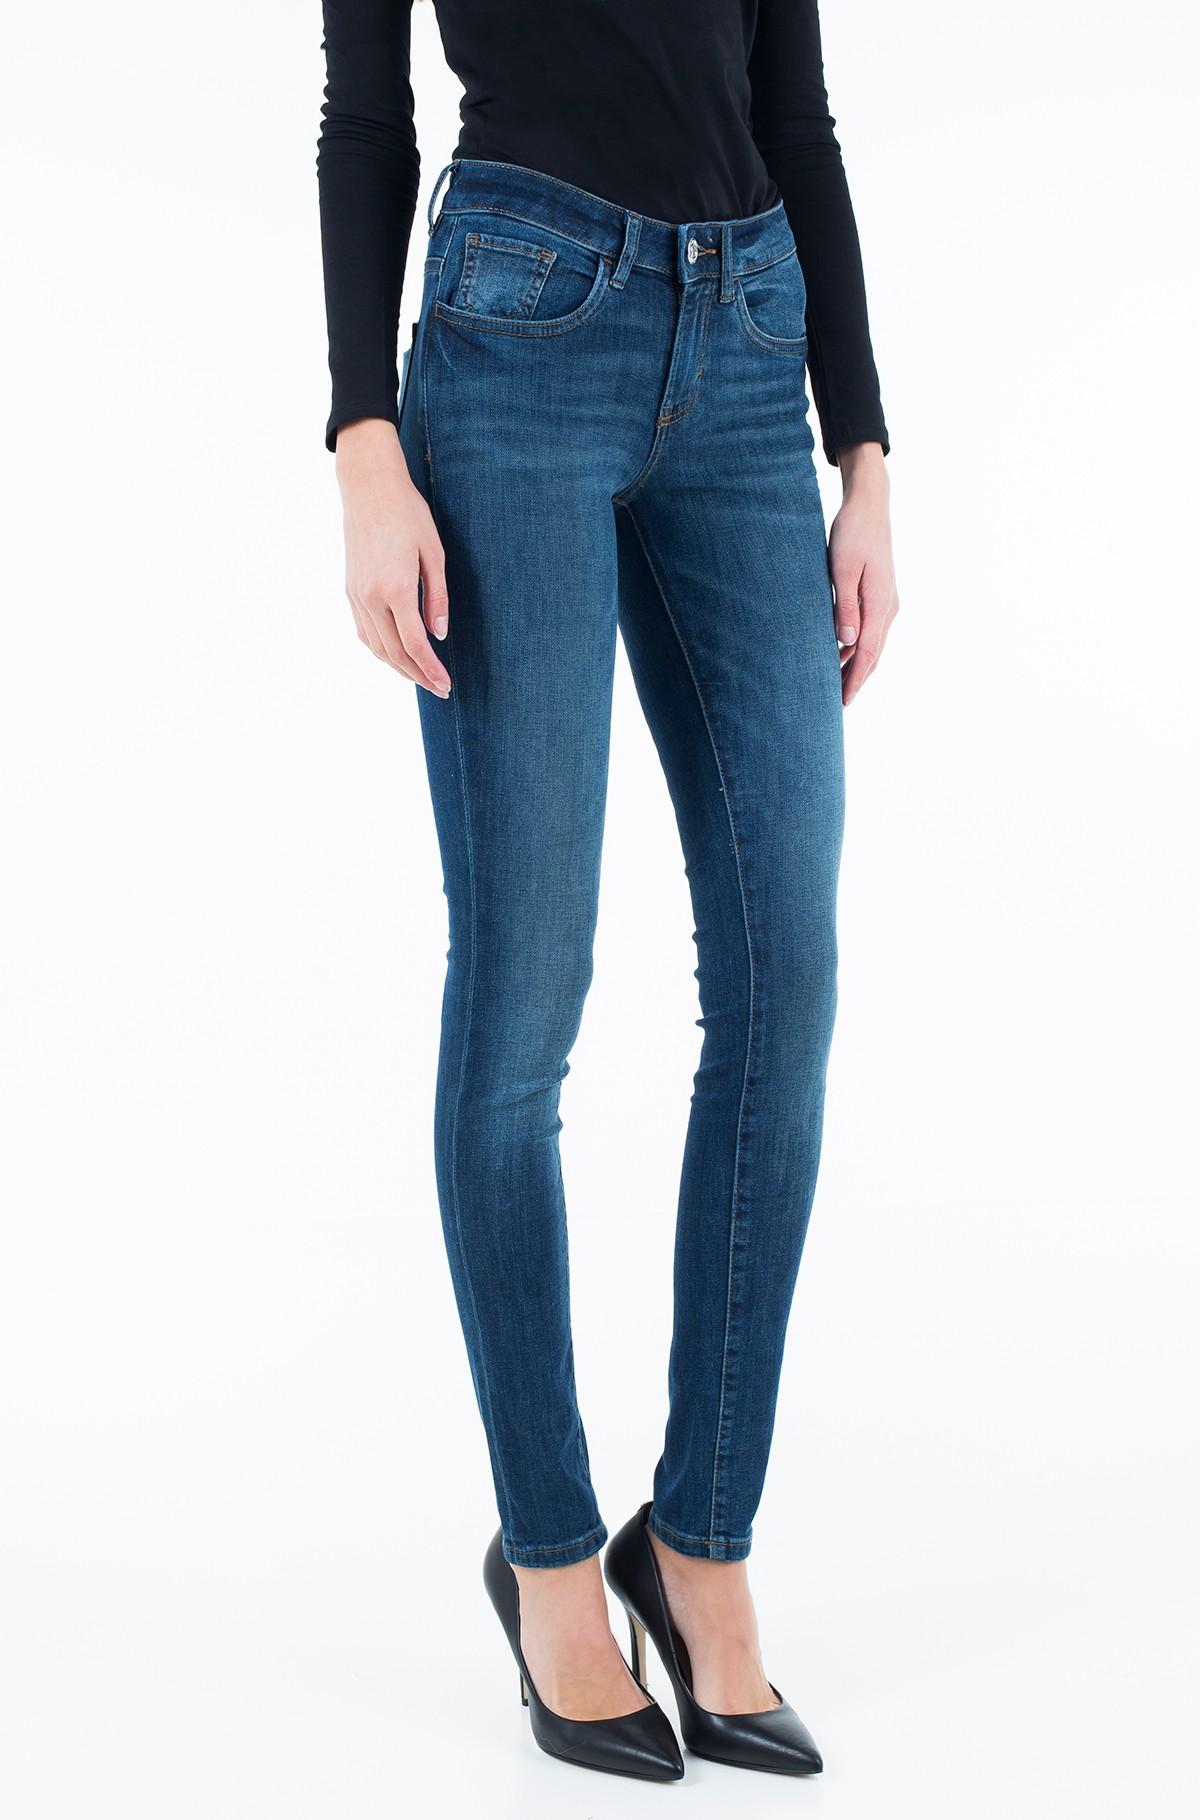 Jeans 6205235.09.70-full-1